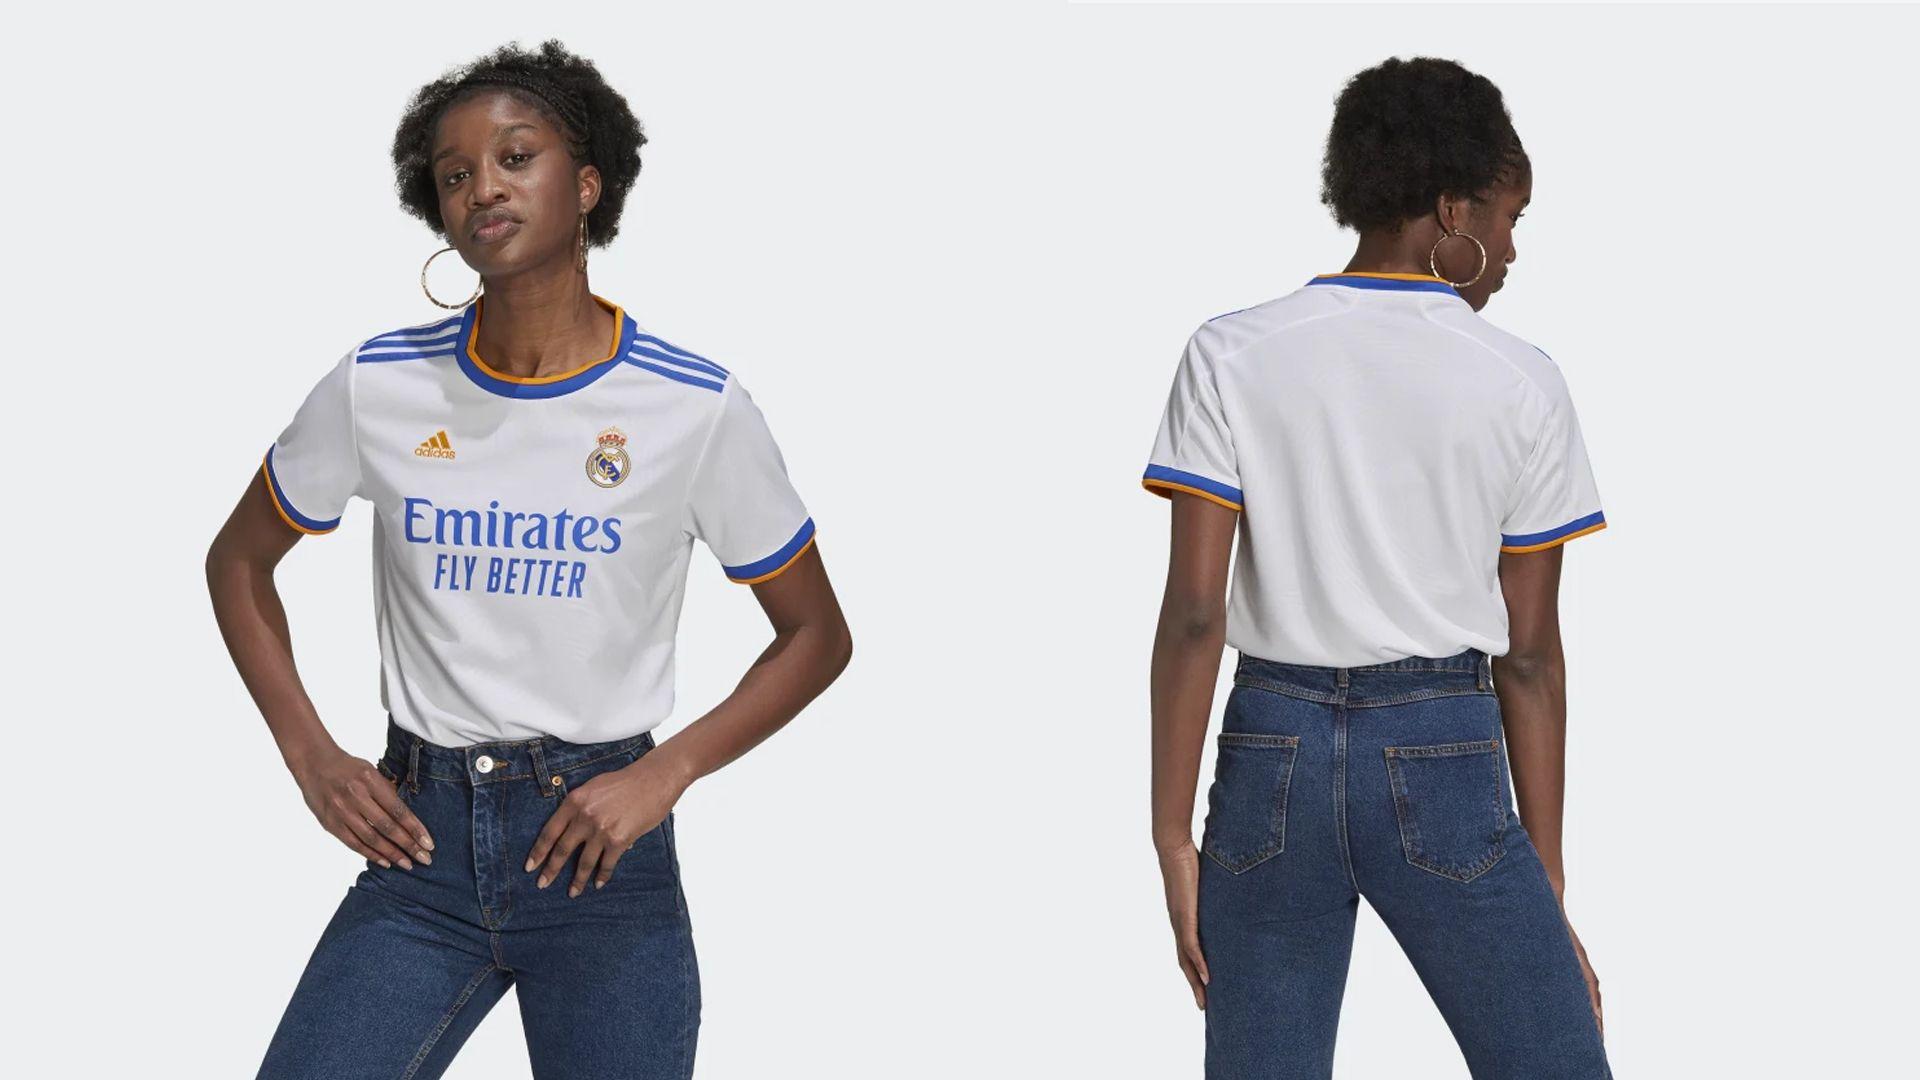 Camisa do Real Madrid Feminina (Imagem: Divulgação/Adidas)